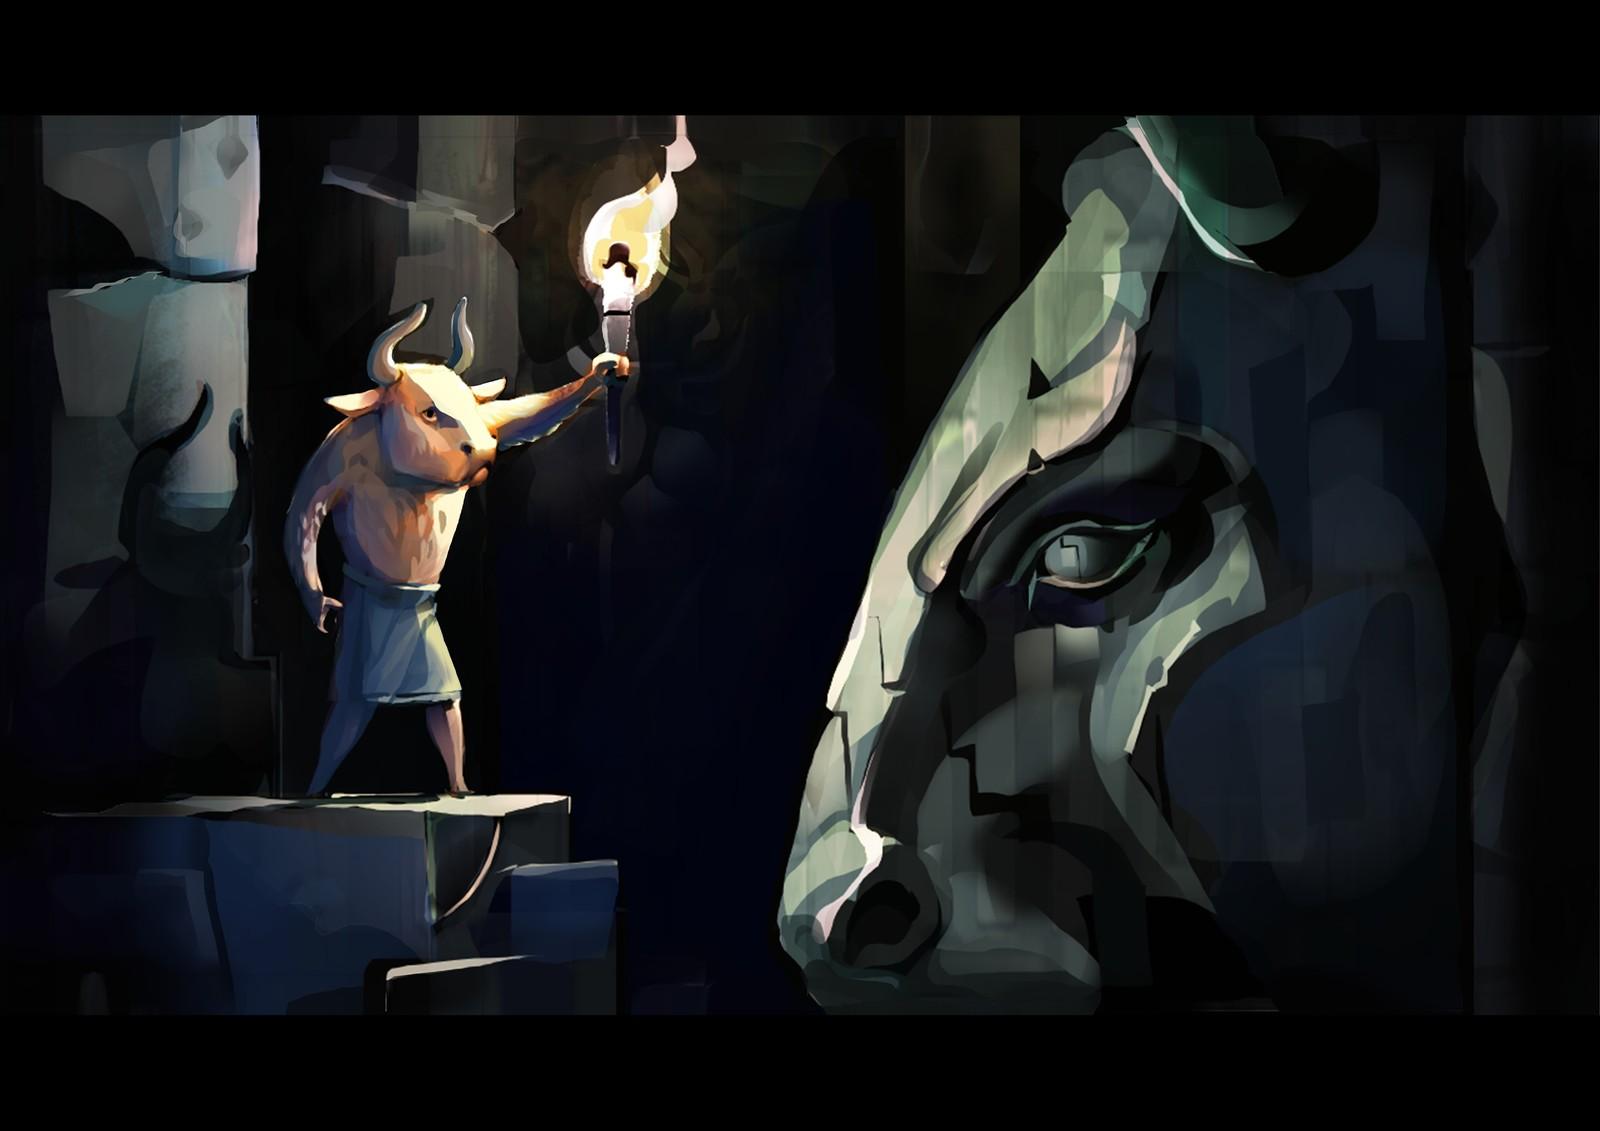 Adventurous Minotaur 1 discovers a huge Minotaur sculpt.